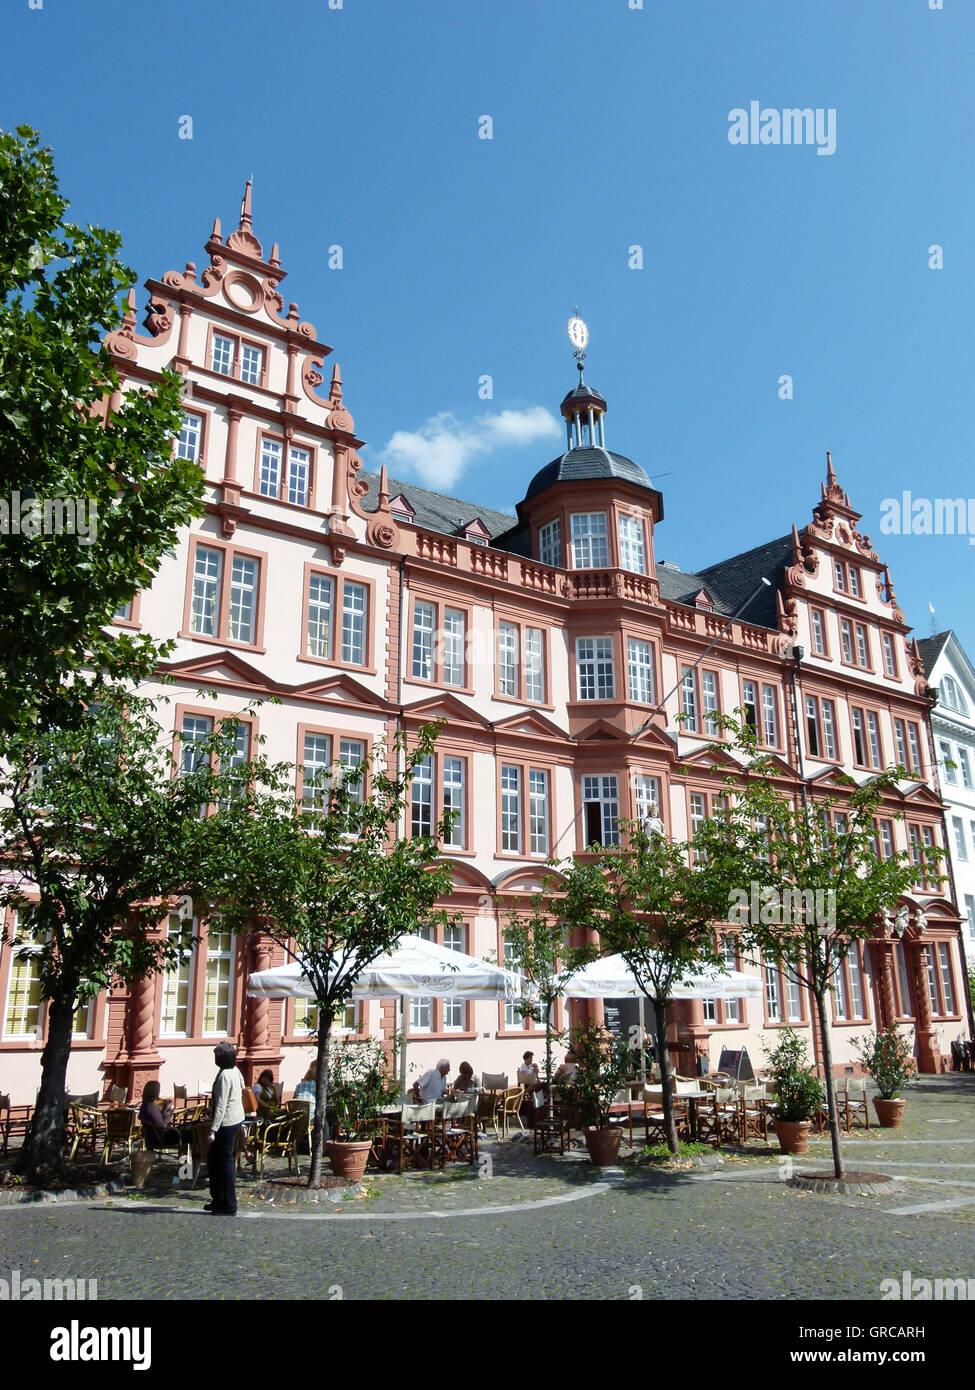 Haus Zum Römischen Kaiser Liebfrauenplatz Gutenberg Museum Und